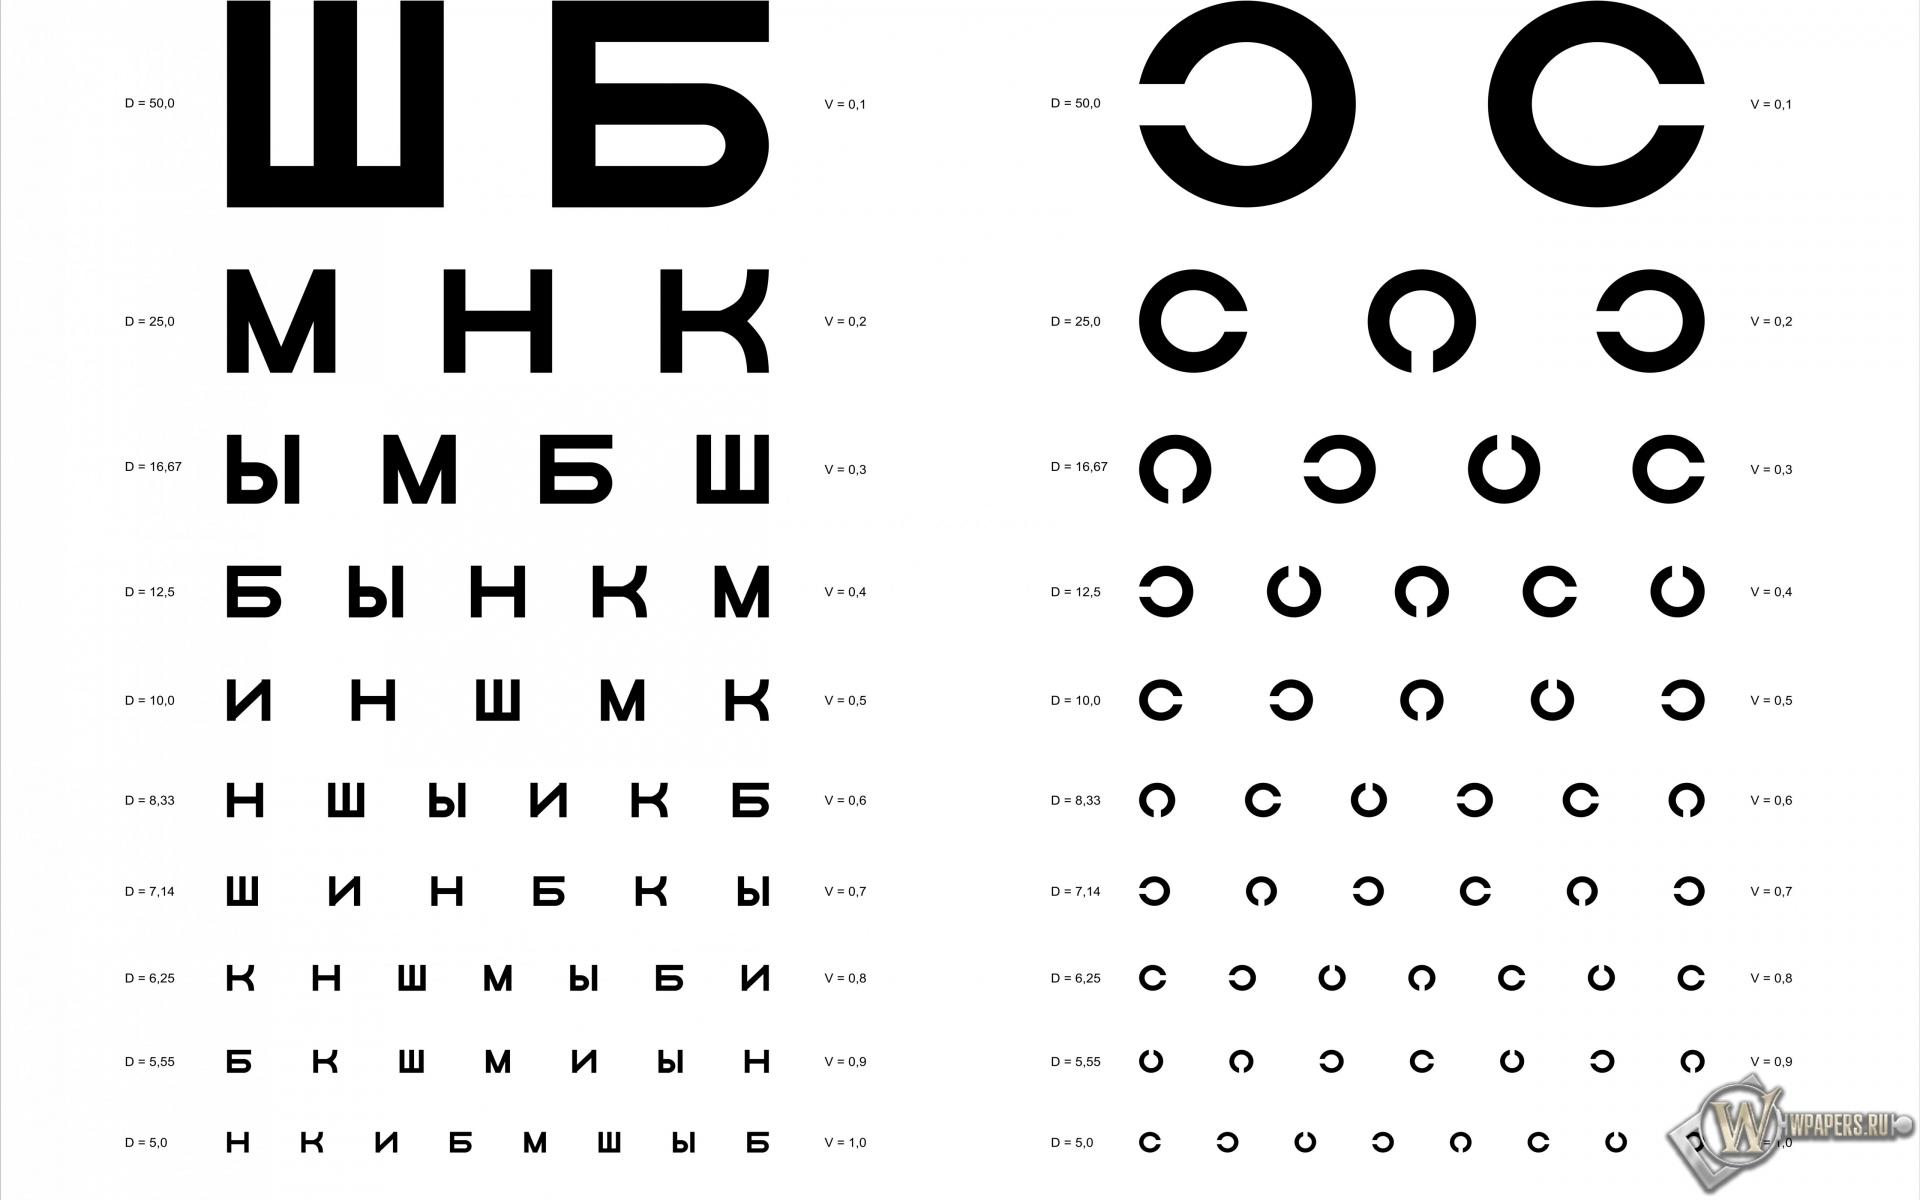 Таблица Д.А. Сивцева для проверки зрения 1920x1200